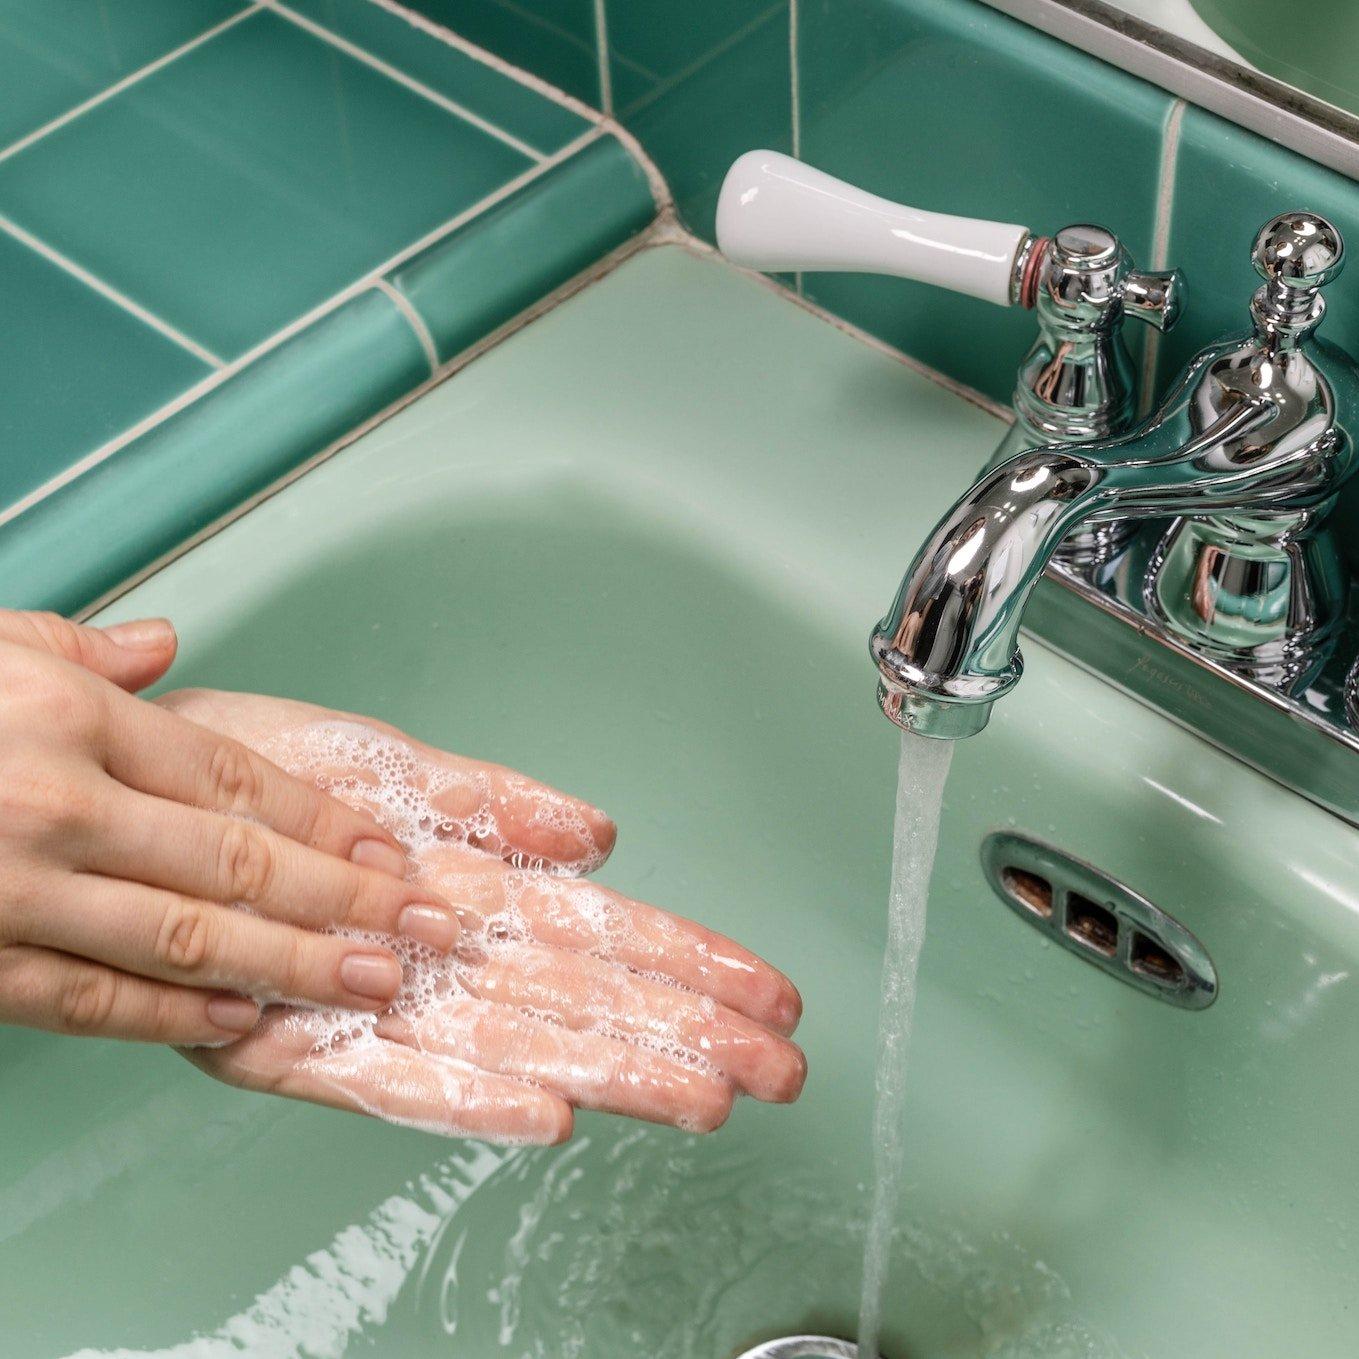 Hygien tvätta händer